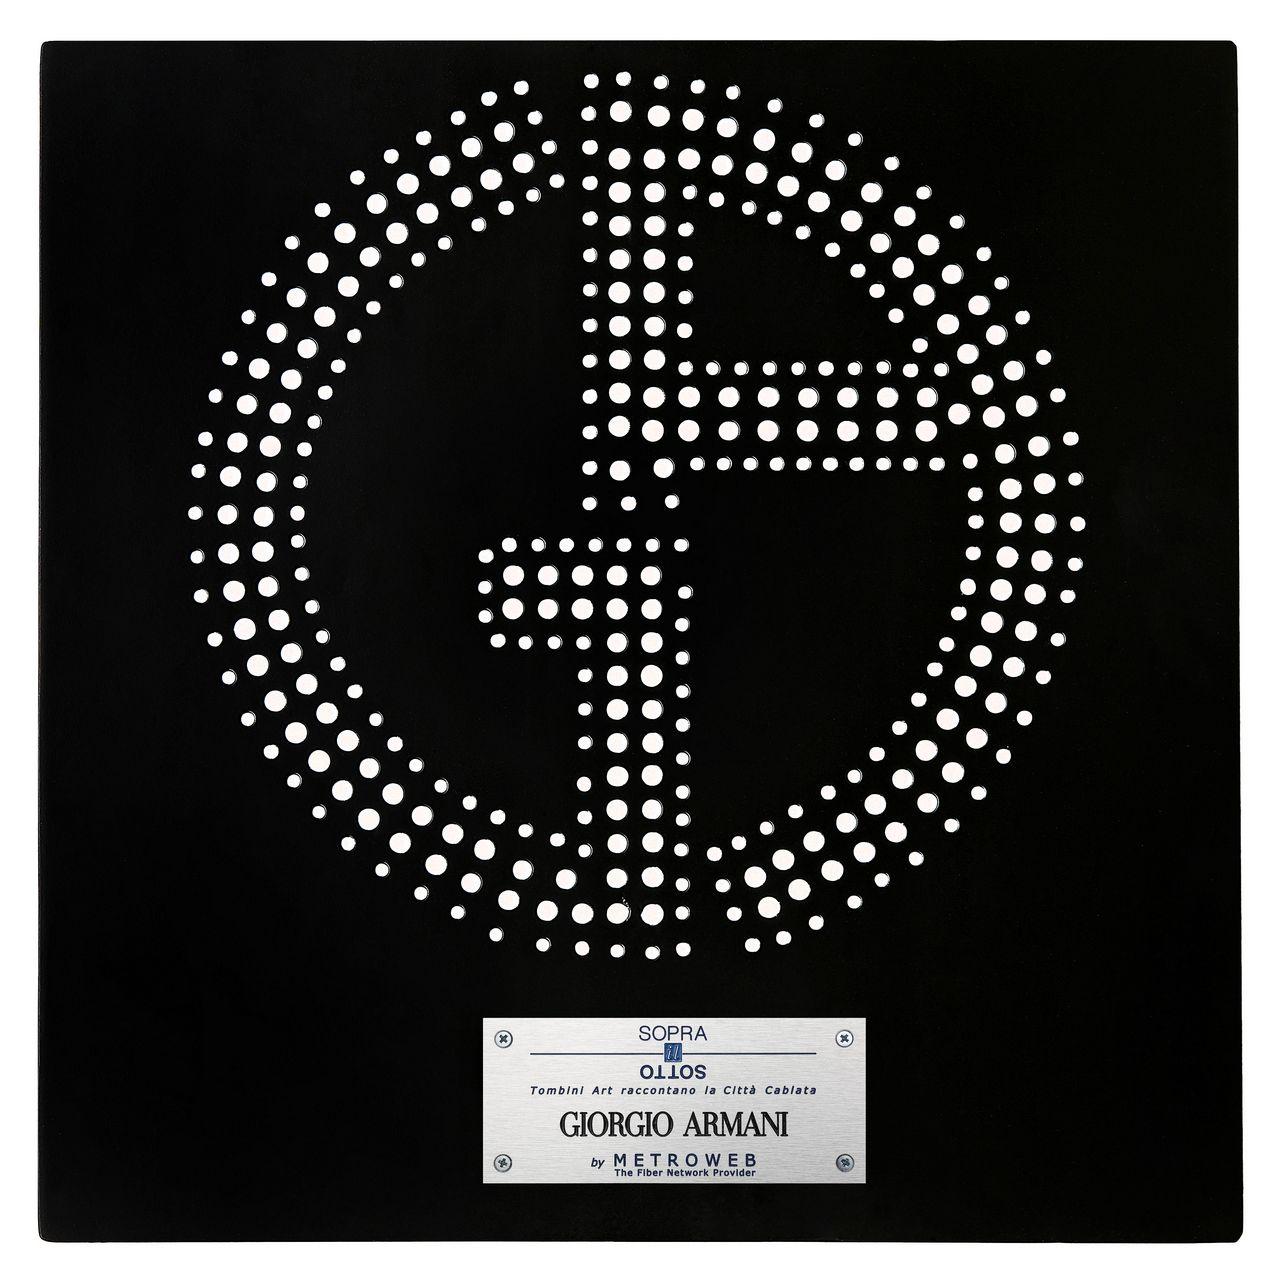 tombino art Giorgio Armani, ph Sergio Caminata